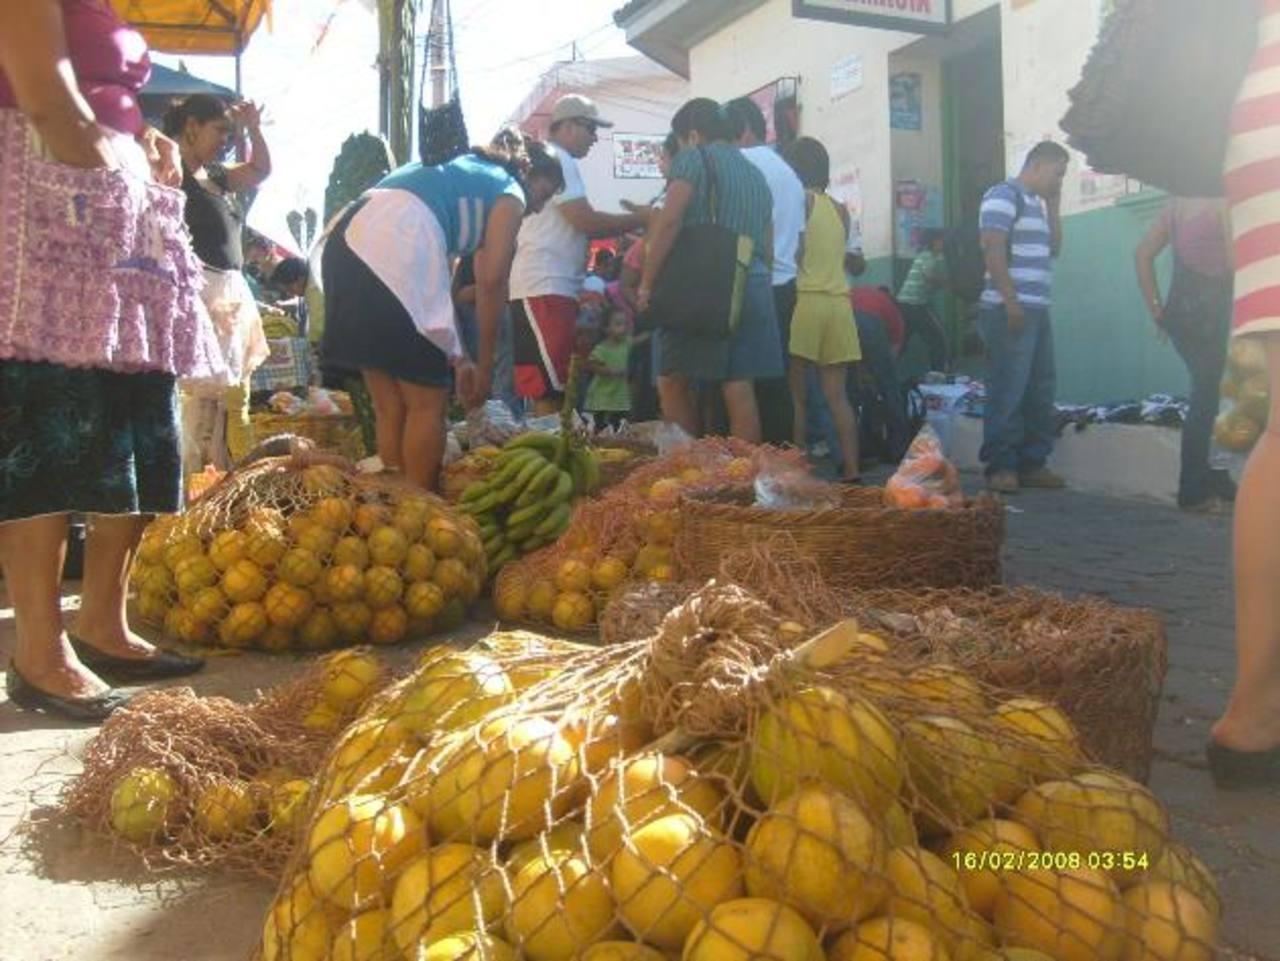 La tierra de San Pedro Nonualco es fértil para el cultivo de varias clases de naranja, entre ellas: victoria, jafa, piña, rosa y la corriente. Se da el guineo manzano, seda, majoncho, zapote, plátano y criollo, entre otros. foto edh /